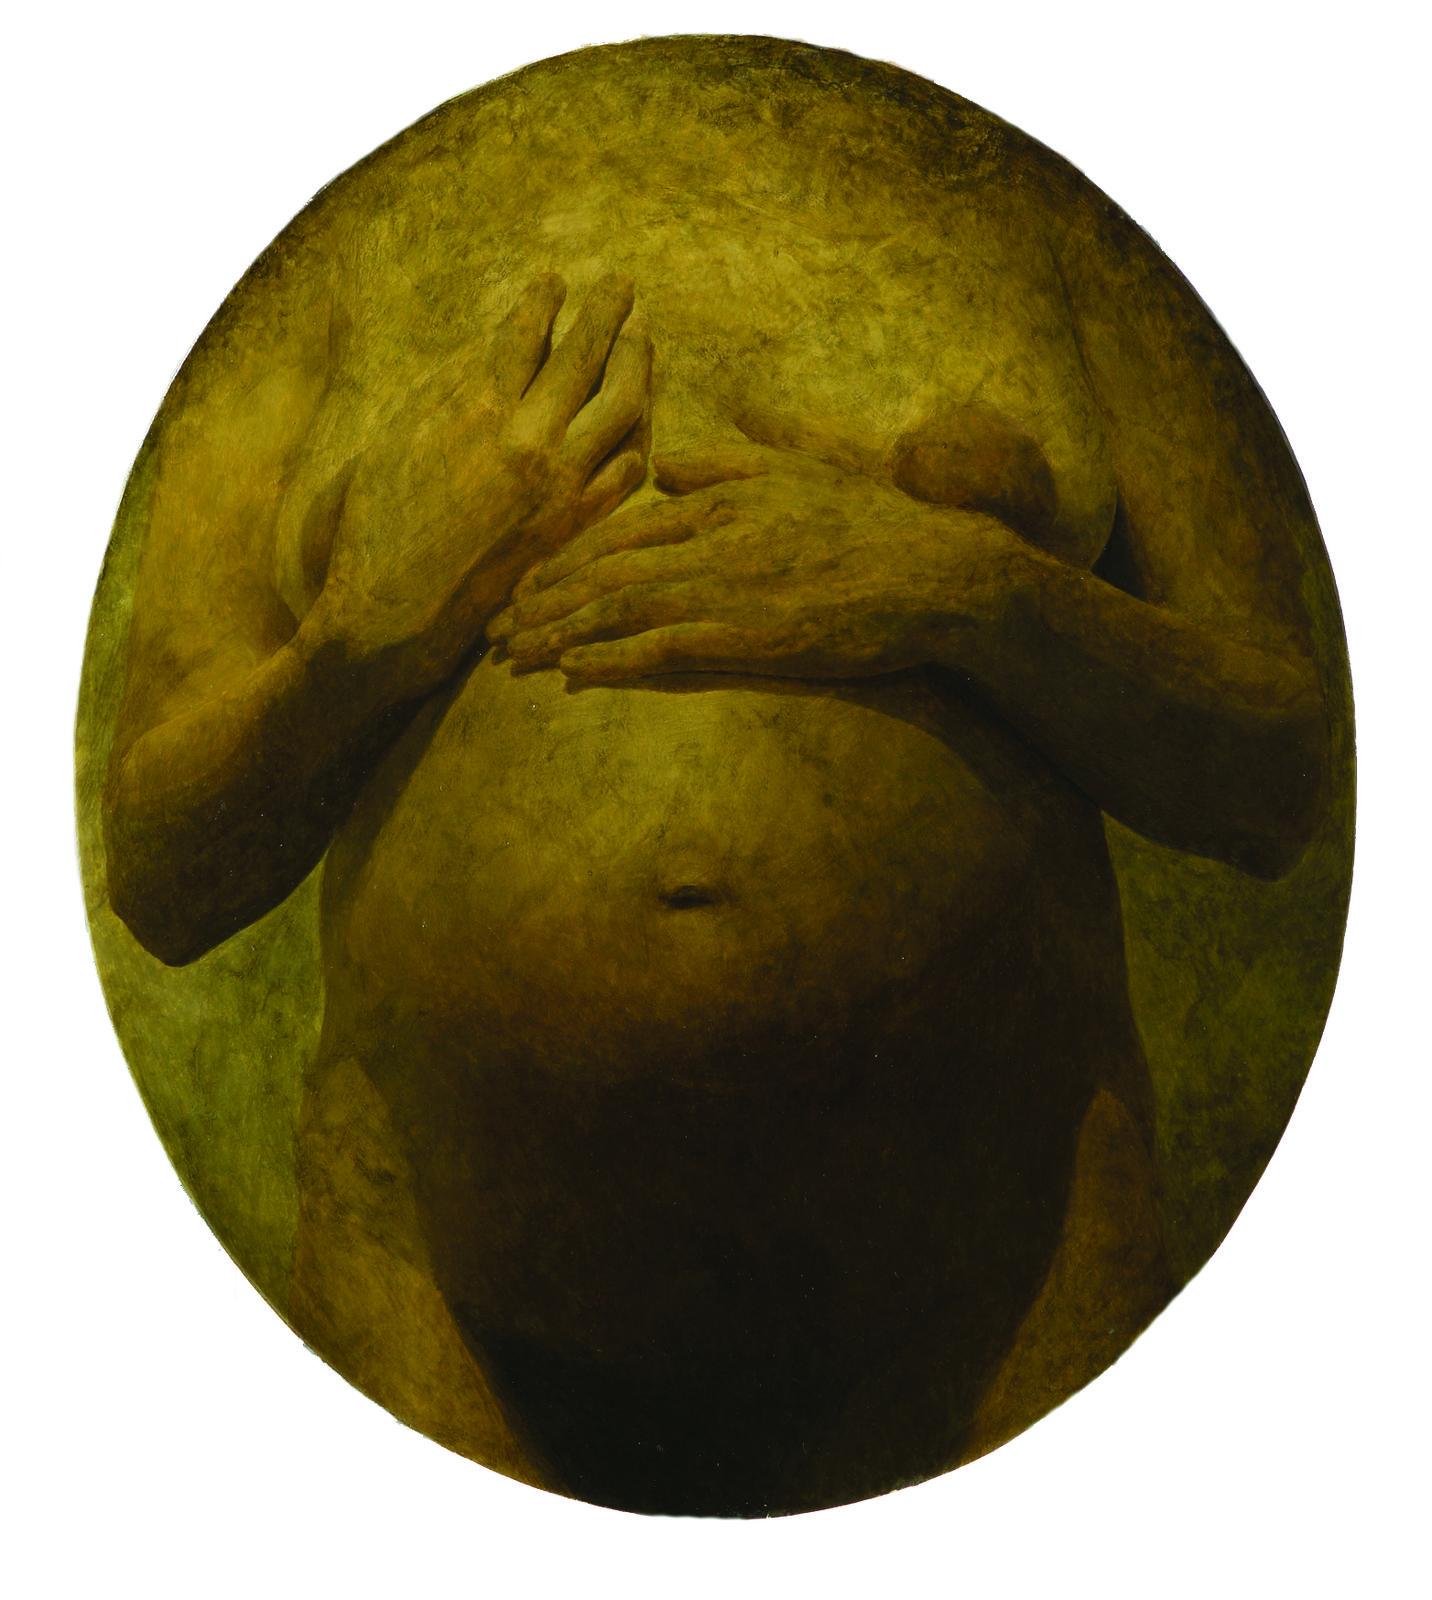 Артем Волокітін. Із серії «Дотик», 2008